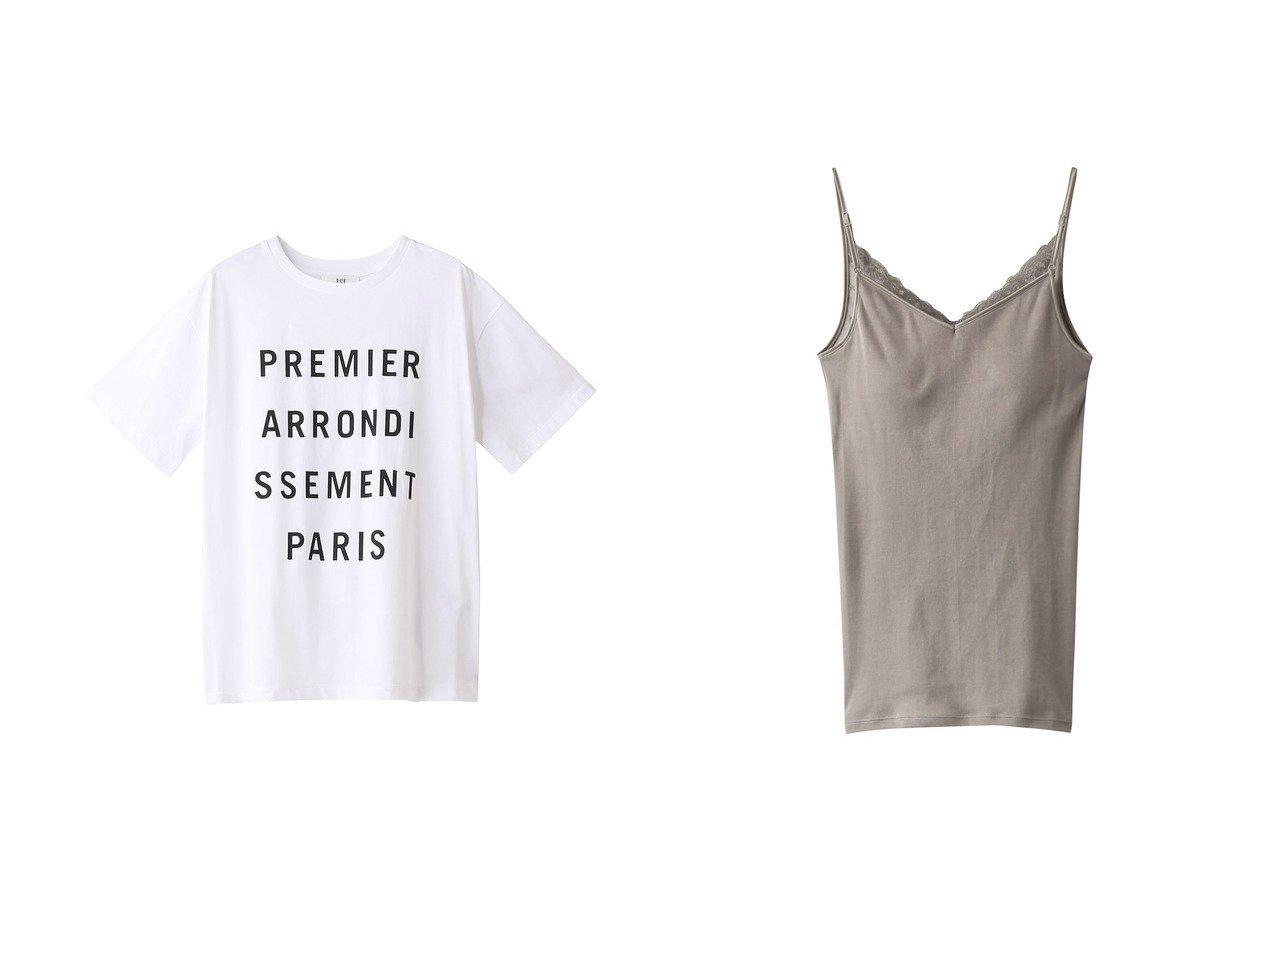 【1er Arrondissement/プルミエ アロンディスモン】のルーズシルエットロゴT&【AROMATIQUE | C A S U C A/アロマティック カスカ】のパッド付キャミ トップス・カットソーのおすすめ!人気、トレンド・レディースファッションの通販 おすすめで人気の流行・トレンド、ファッションの通販商品 メンズファッション・キッズファッション・インテリア・家具・レディースファッション・服の通販 founy(ファニー) https://founy.com/ ファッション Fashion レディースファッション WOMEN トップス Tops Tshirt キャミソール / ノースリーブ No Sleeves シャツ/ブラウス Shirts Blouses ロング / Tシャツ T-Shirts カットソー Cut and Sewn キャミソール タンク プリント 半袖 2021年 2021 2021 春夏 S/S SS Spring/Summer 2021 S/S 春夏 SS Spring/Summer インナー キャミ レース 再入荷 Restock/Back in Stock/Re Arrival 定番 Standard 春 Spring |ID:crp329100000014789